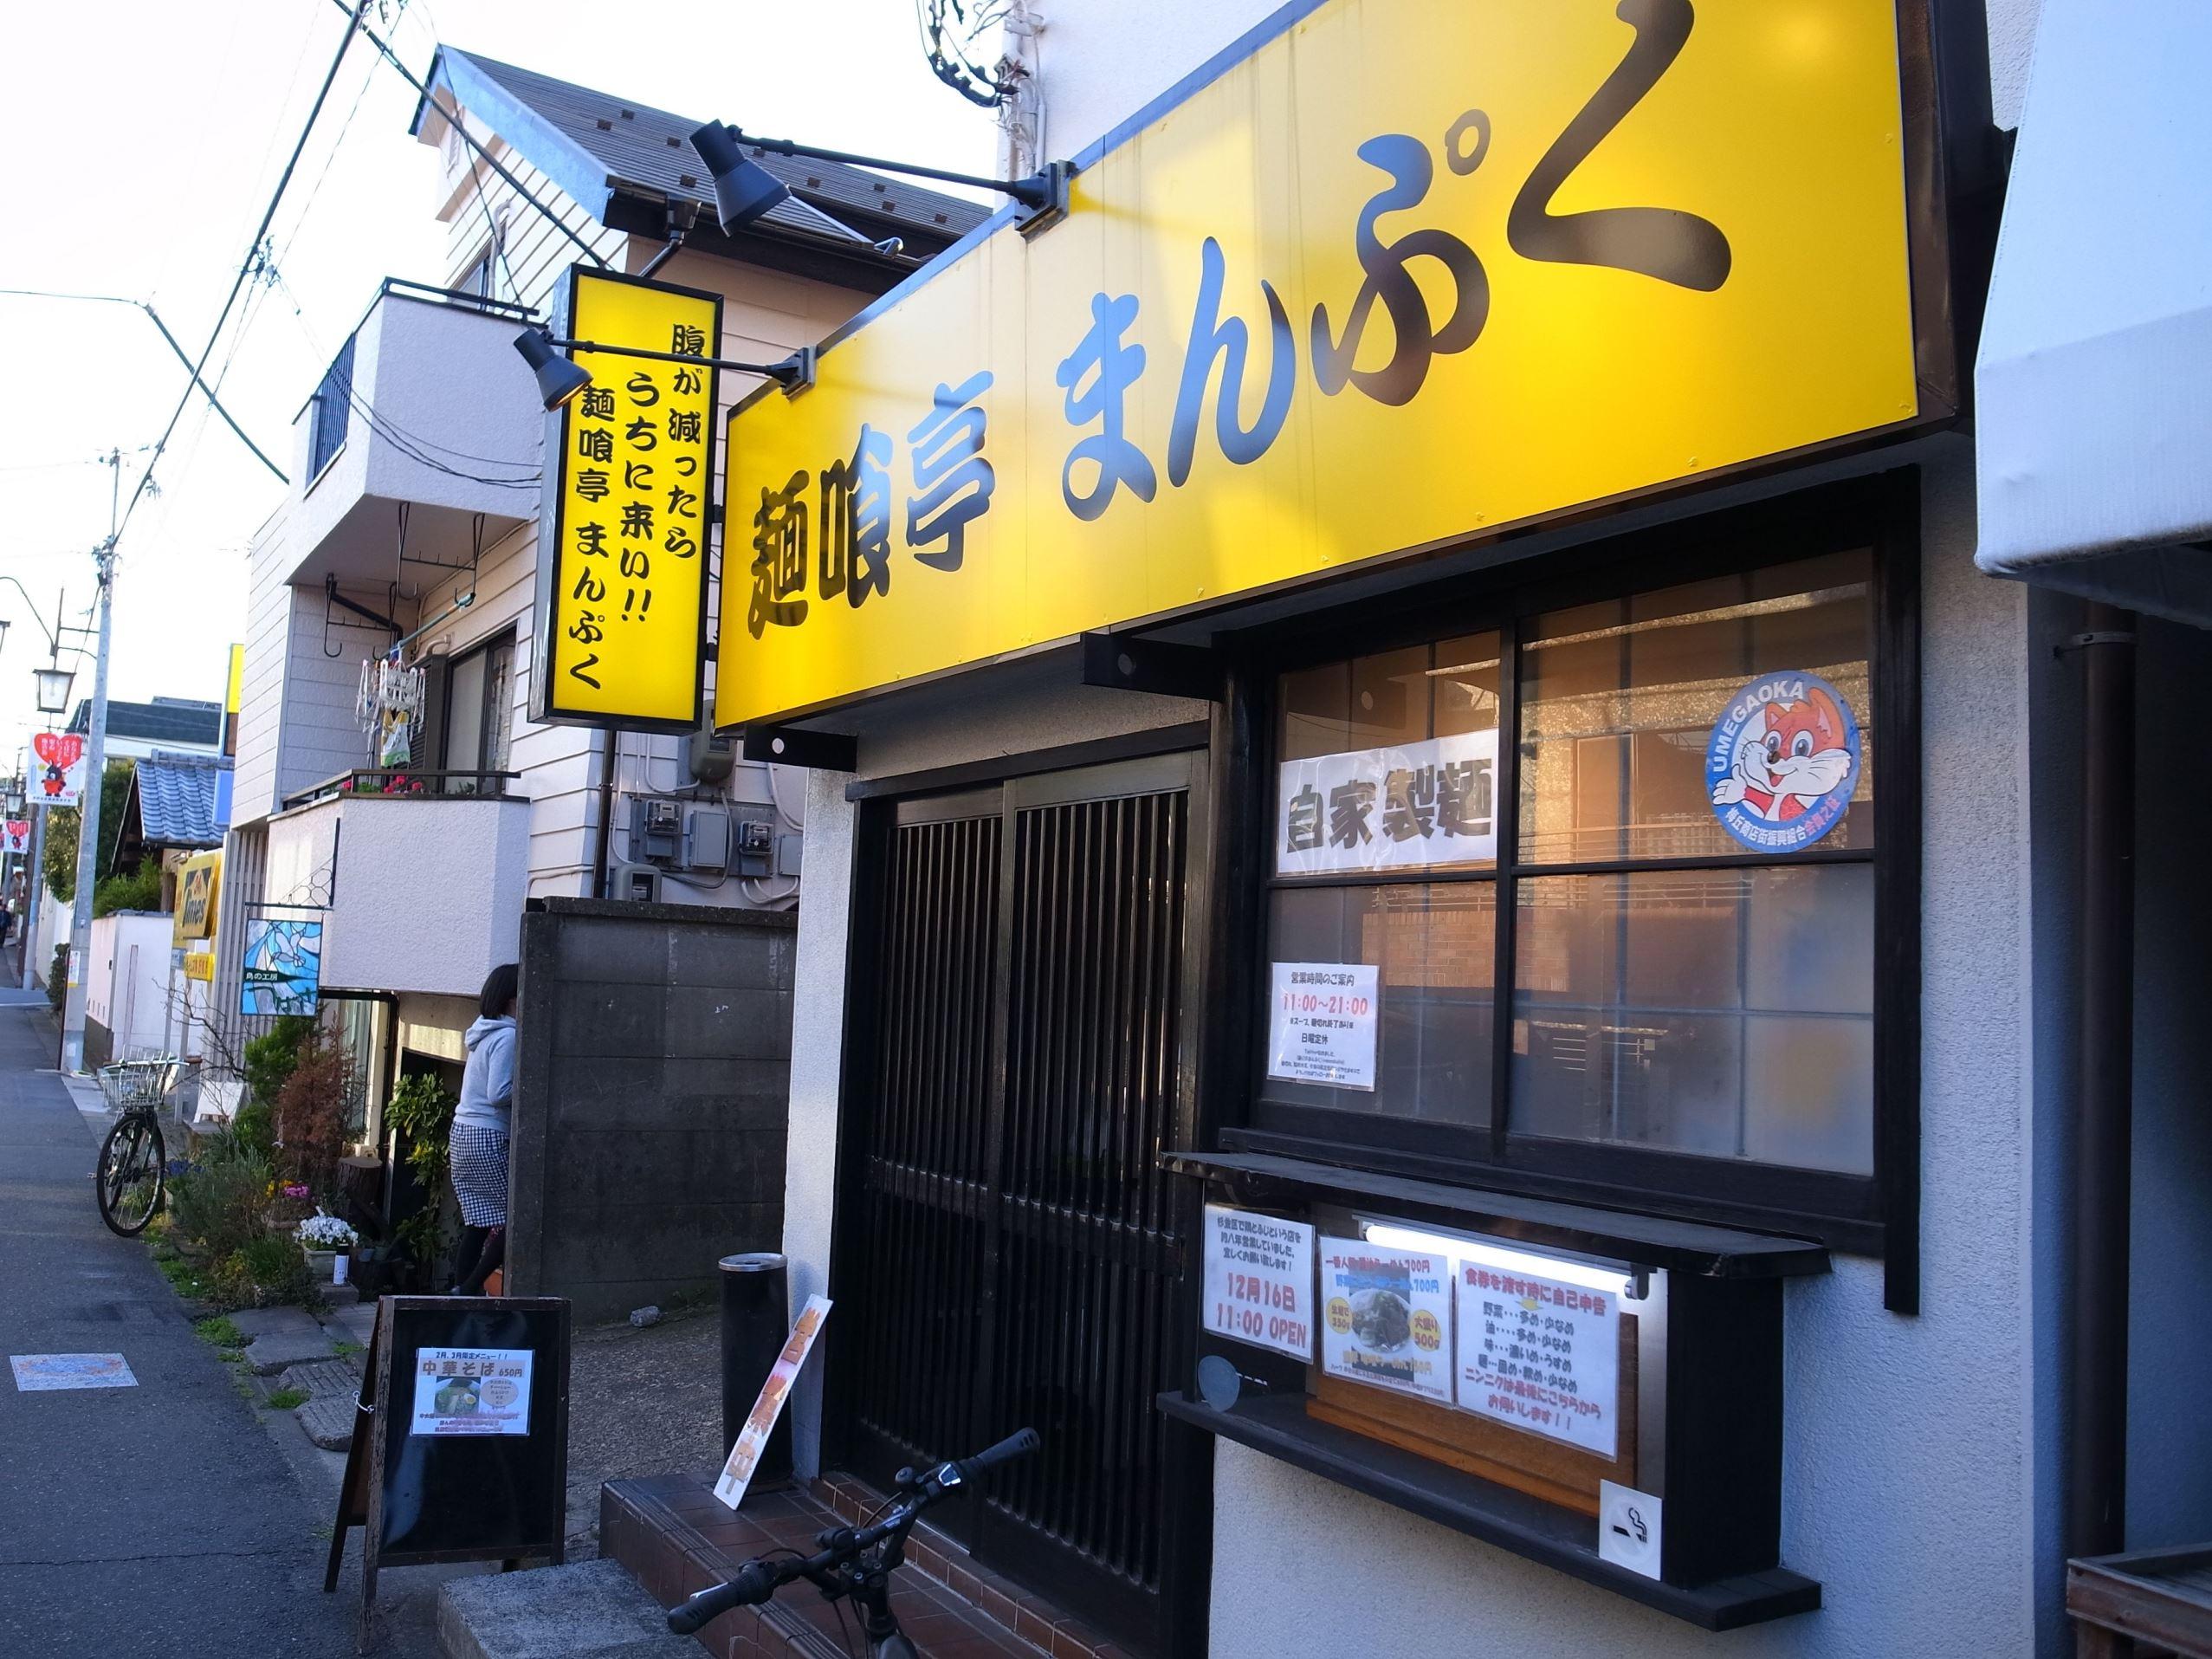 梅ヶ丘の住宅地に出現 「麺喰亭 まんぷく」